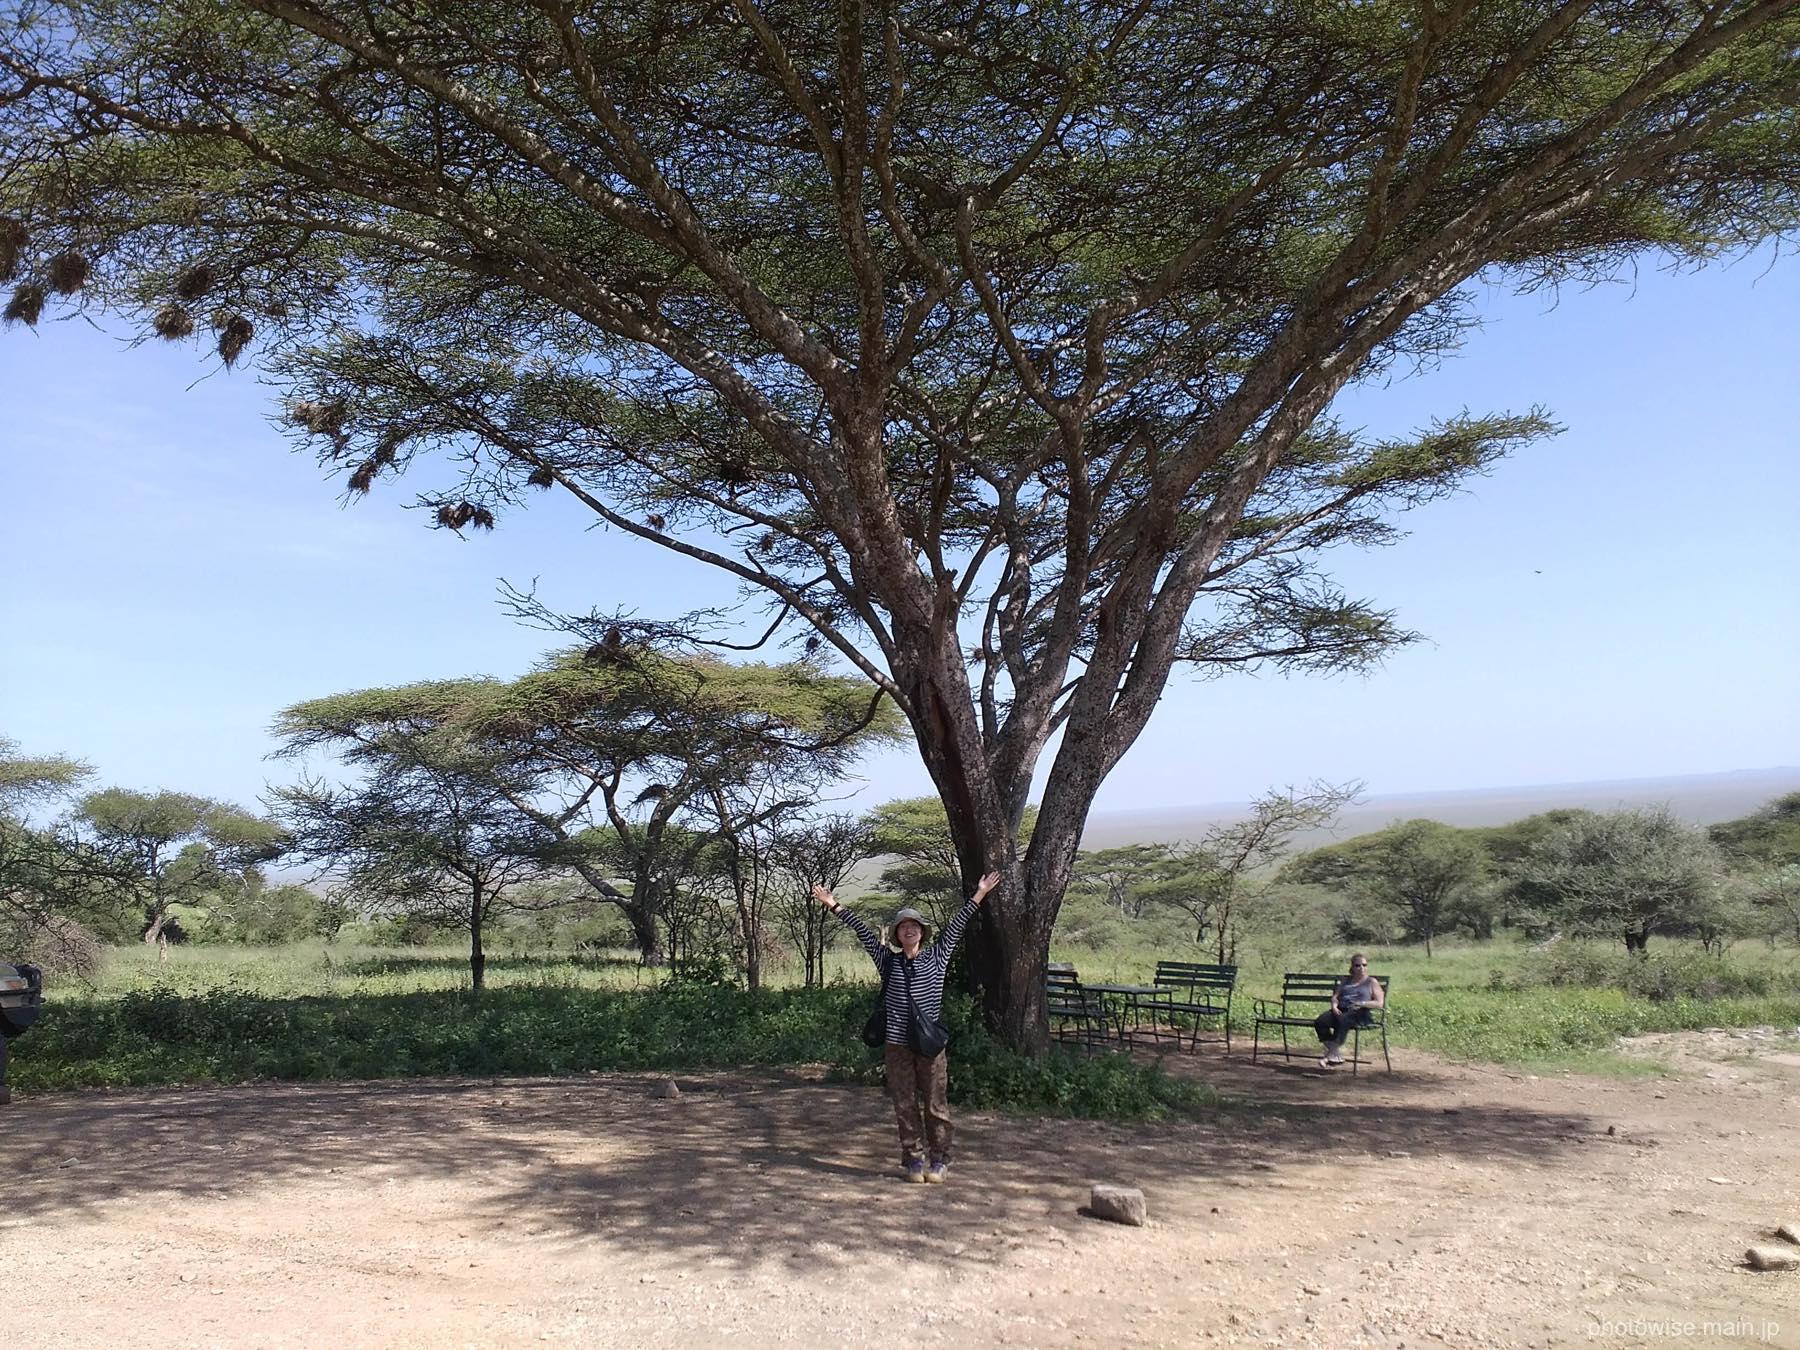 サバンナの木と